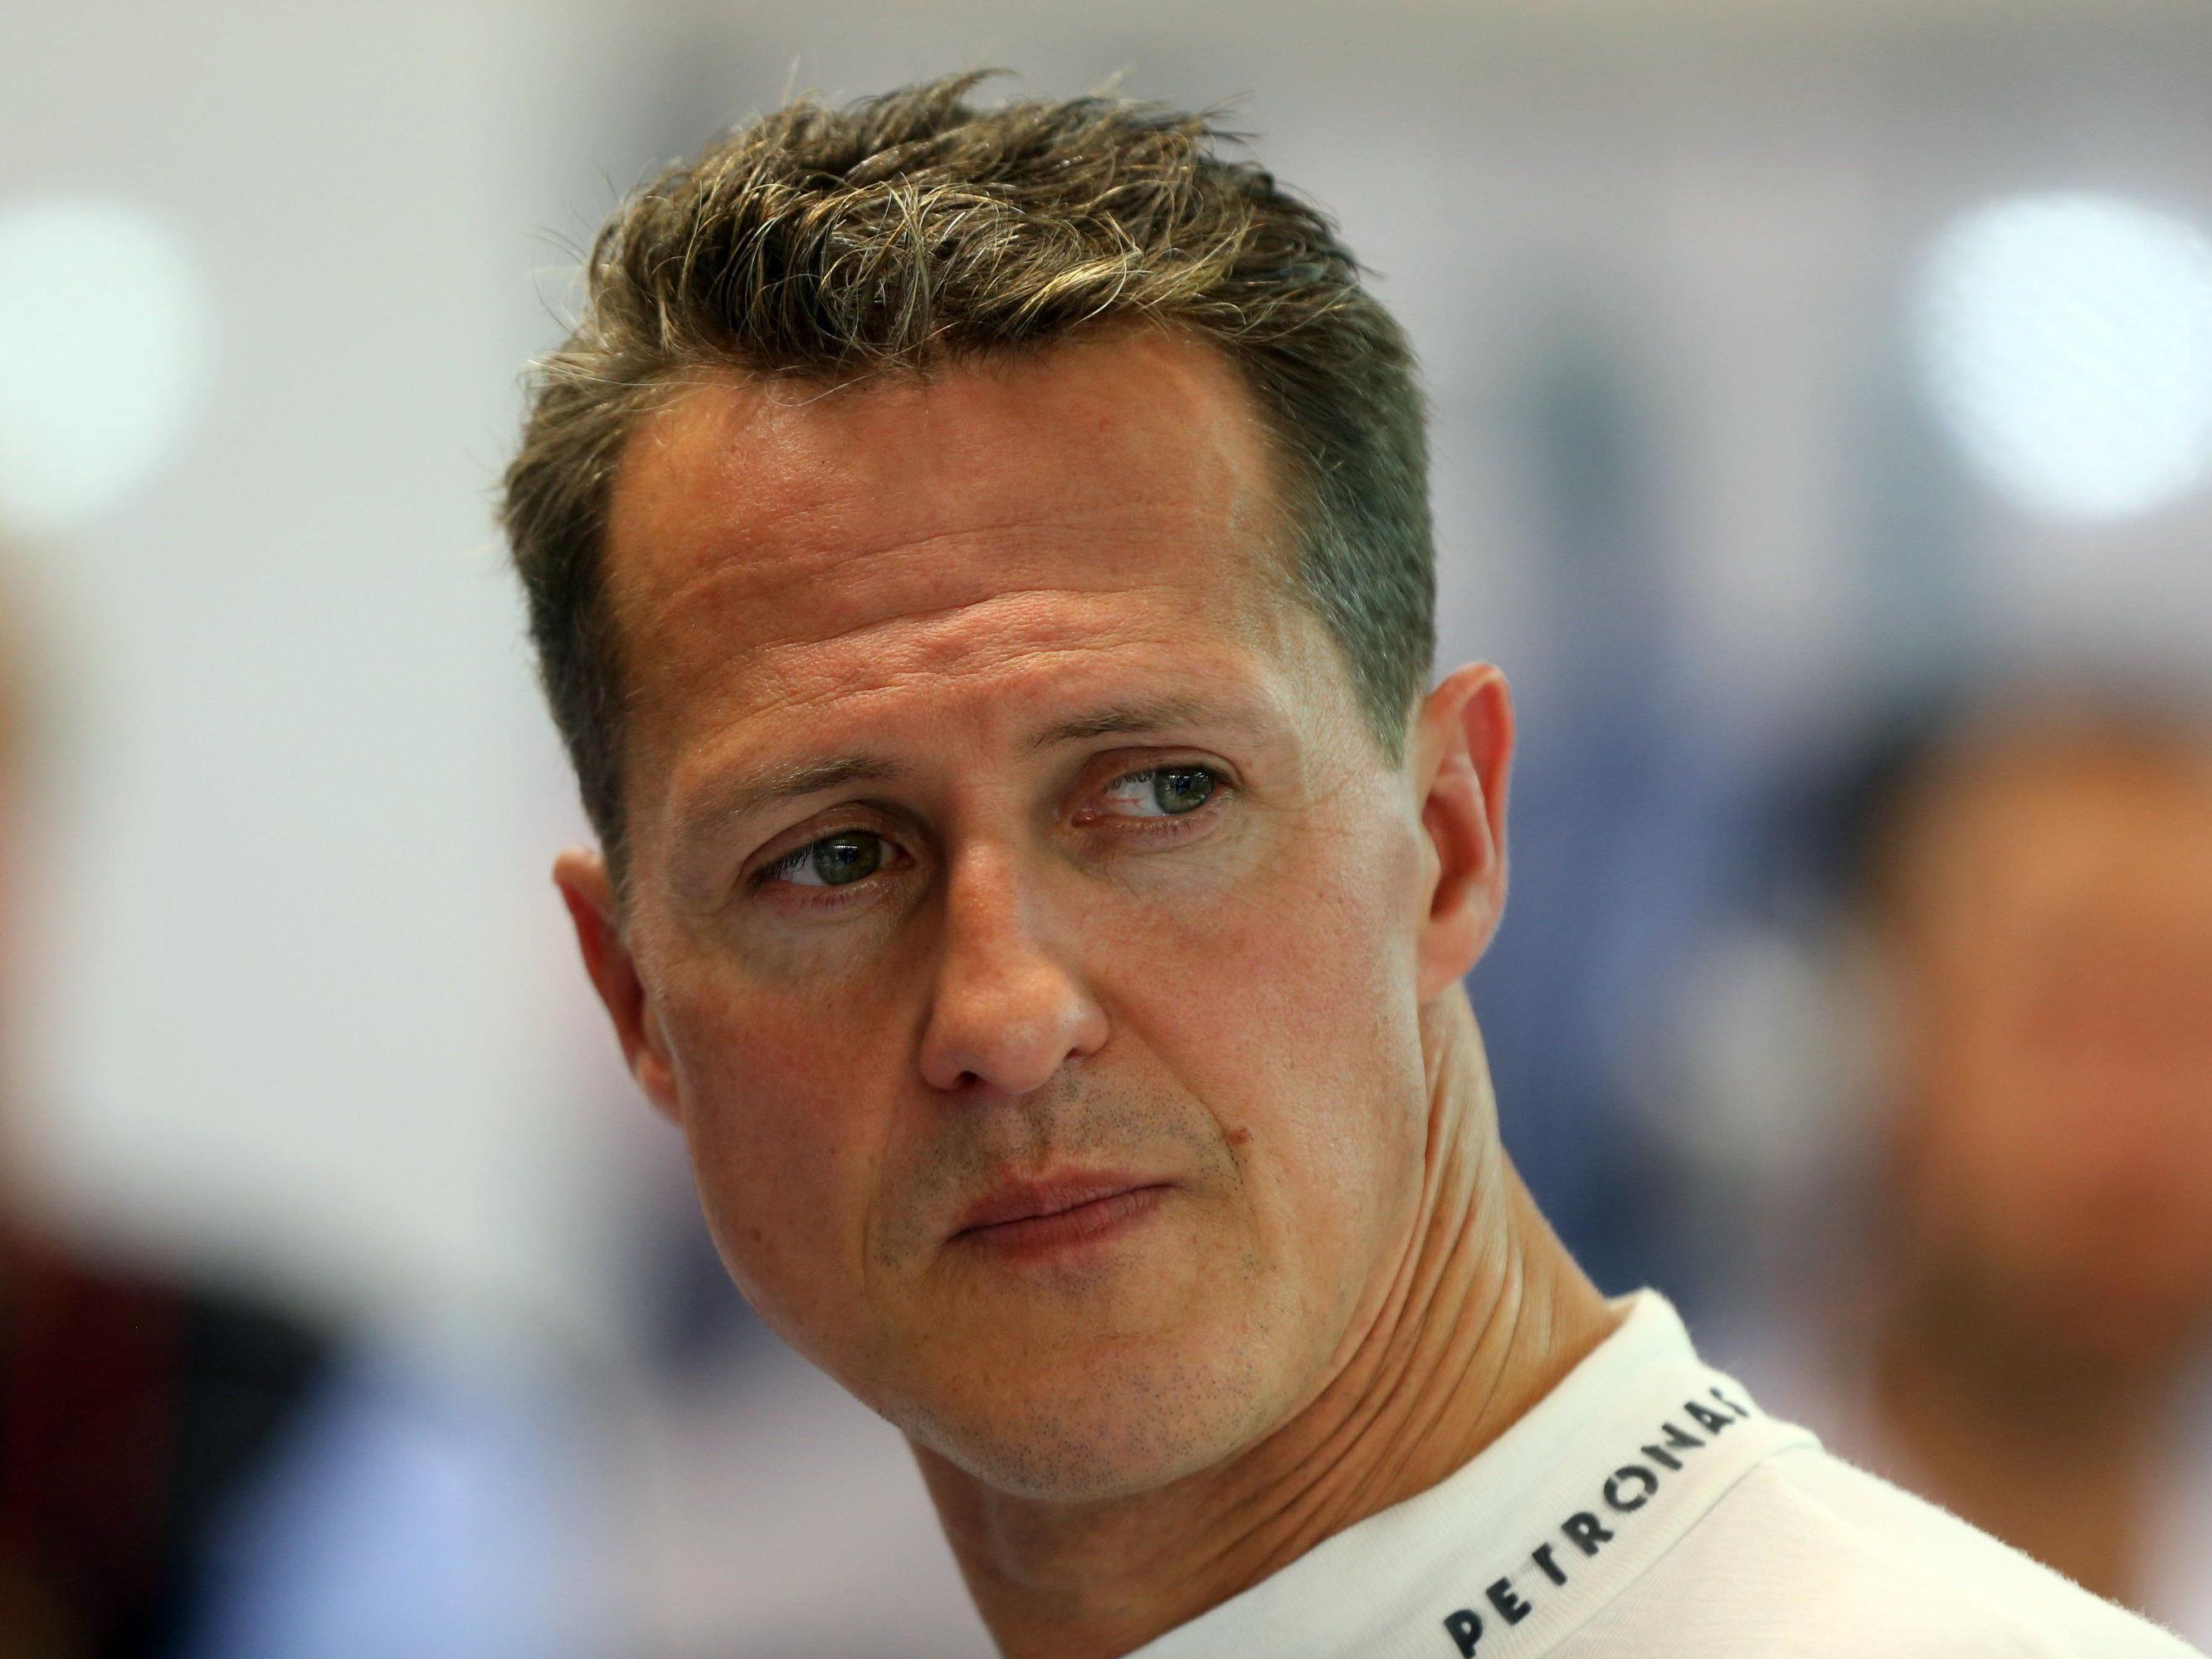 Der Verdächtige, der Schumachers Krankenakte gestohlen haben soll, erhängte sich in seiner Zelle.